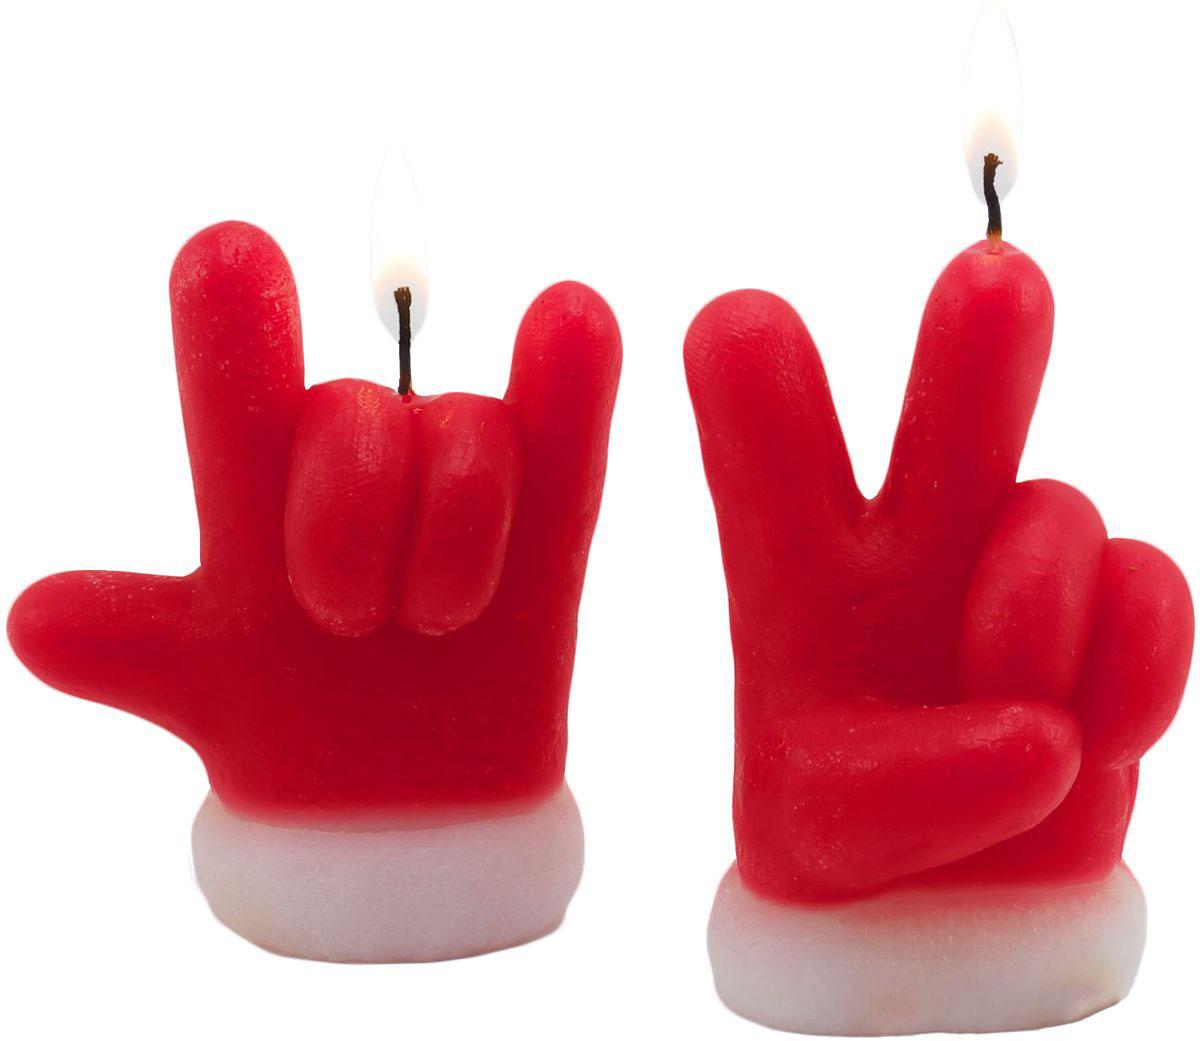 Свеча декоративная Sima-land Новогодний привет, цвет: красный, высота 10,5 см1543774Какой новогодний стол без свечей? Вместе с мандаринами, шампанским и еловыми ветвями они создадут сказочную атмосферу, а их притягательное пламя подарит ощущение уюта и тепла. А еще это отличная идея для подарка! Свеча Sima-land оградит от невзгод и поможет во всех начинаниях в будущем году. Каждому хозяину периодически приходит мысль обновить свою квартиру, сделать ремонт, перестановку или кардинально поменять внешний вид каждой комнаты. Свеча Sima-land - привлекательная деталь, которая поможет воплотить вашу интерьерную идею, создать неповторимую атмосферу в вашем доме. Окружите себя приятными мелочами, пусть они радуют глаз и дарят гармонию. Декоративная свеча Sima-land - символ Нового года. Она несет в себе волшебство и красоту праздника. Такое украшение создаст в вашем доме атмосферу праздника, веселья и радости.